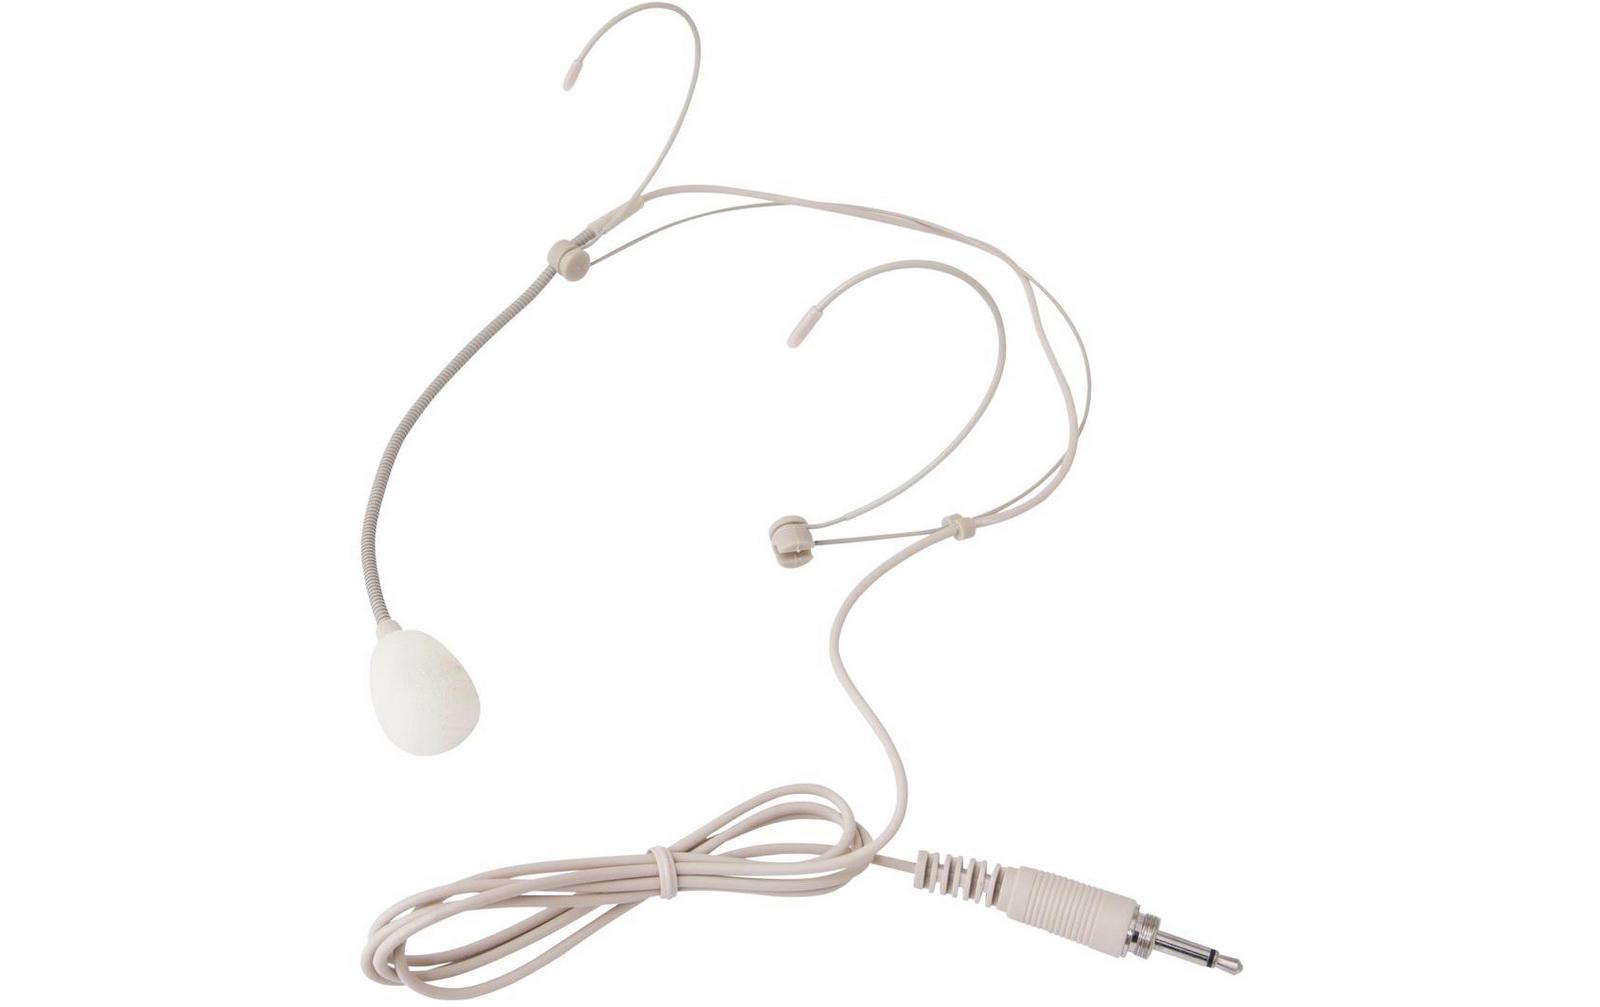 omnitronic-uhf-200hs-headset-mikrofon